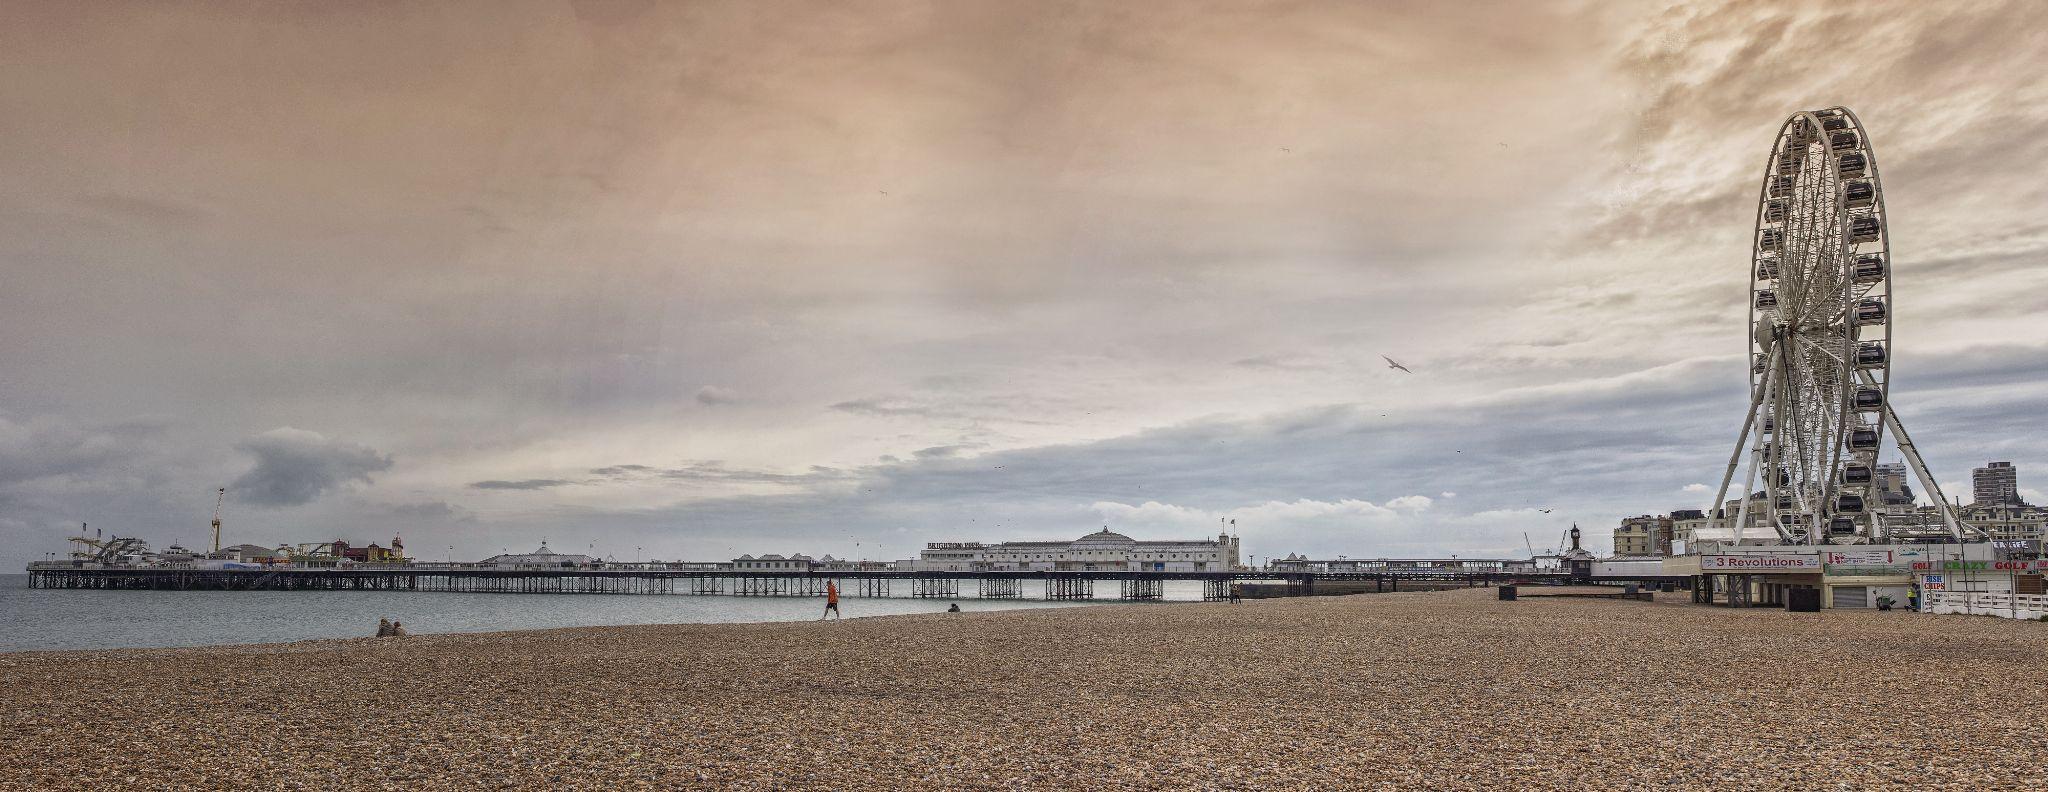 Brighton Wheel by tonyrabina